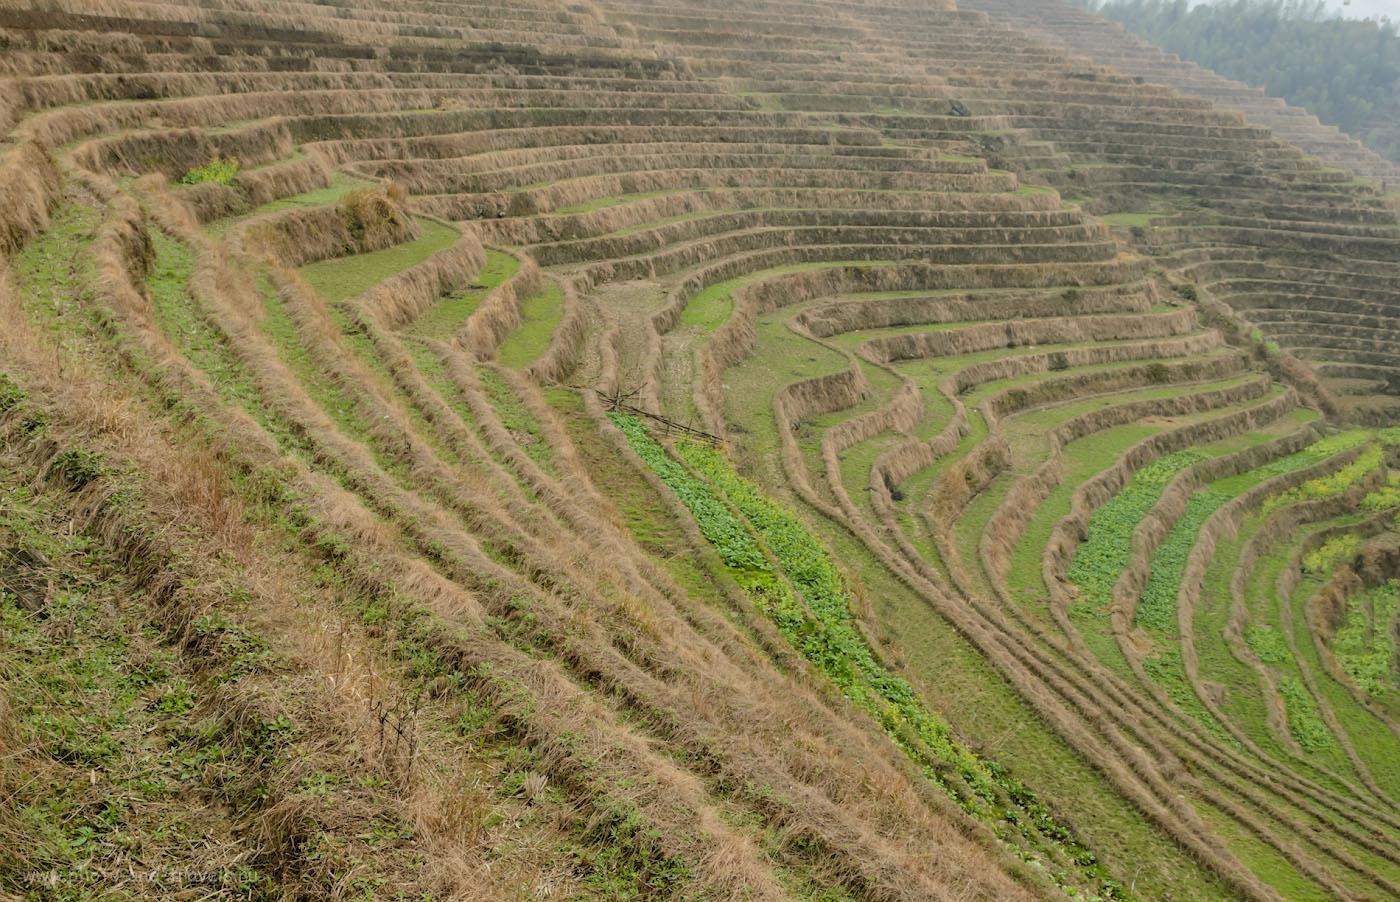 Фото 3. Туры в Китай самостоятельно. Рисовые террасы Longji Rice Terraces во второй половине марта